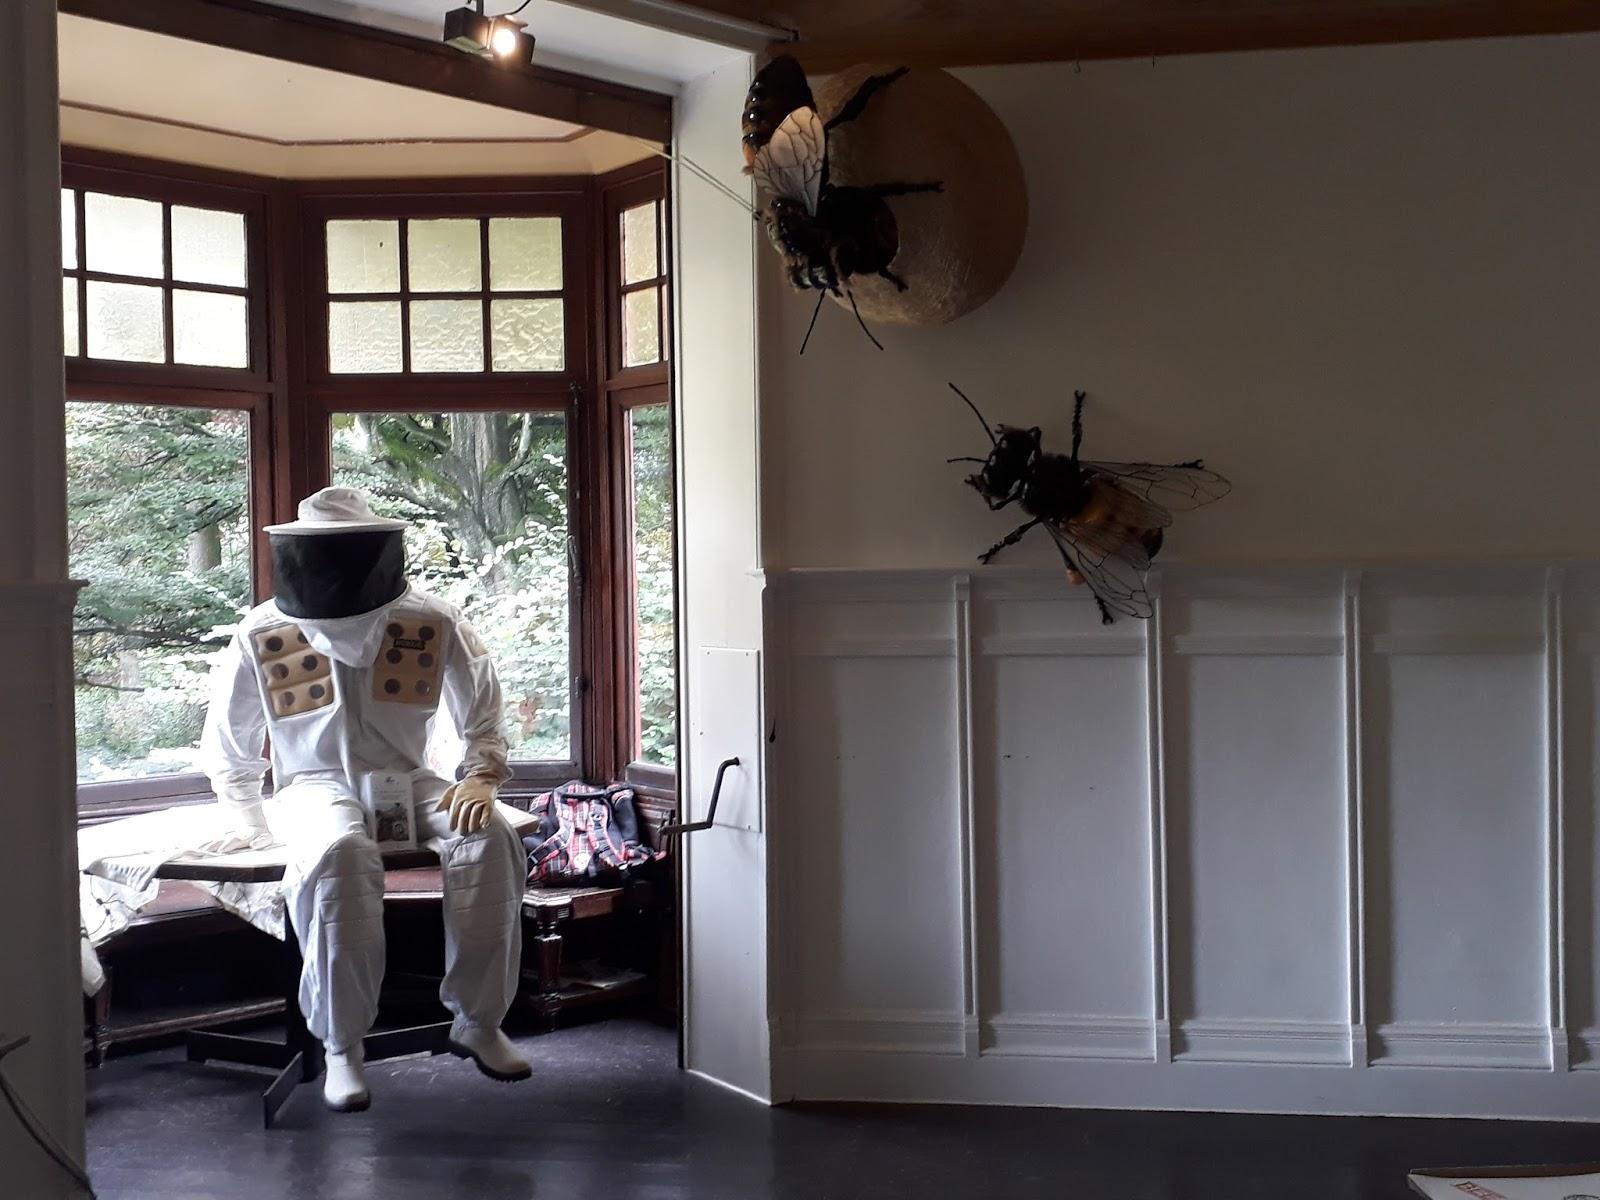 Les abeilles de bruxelles l 39 expo immanquable du moment for Salon de l emploi bruxelles